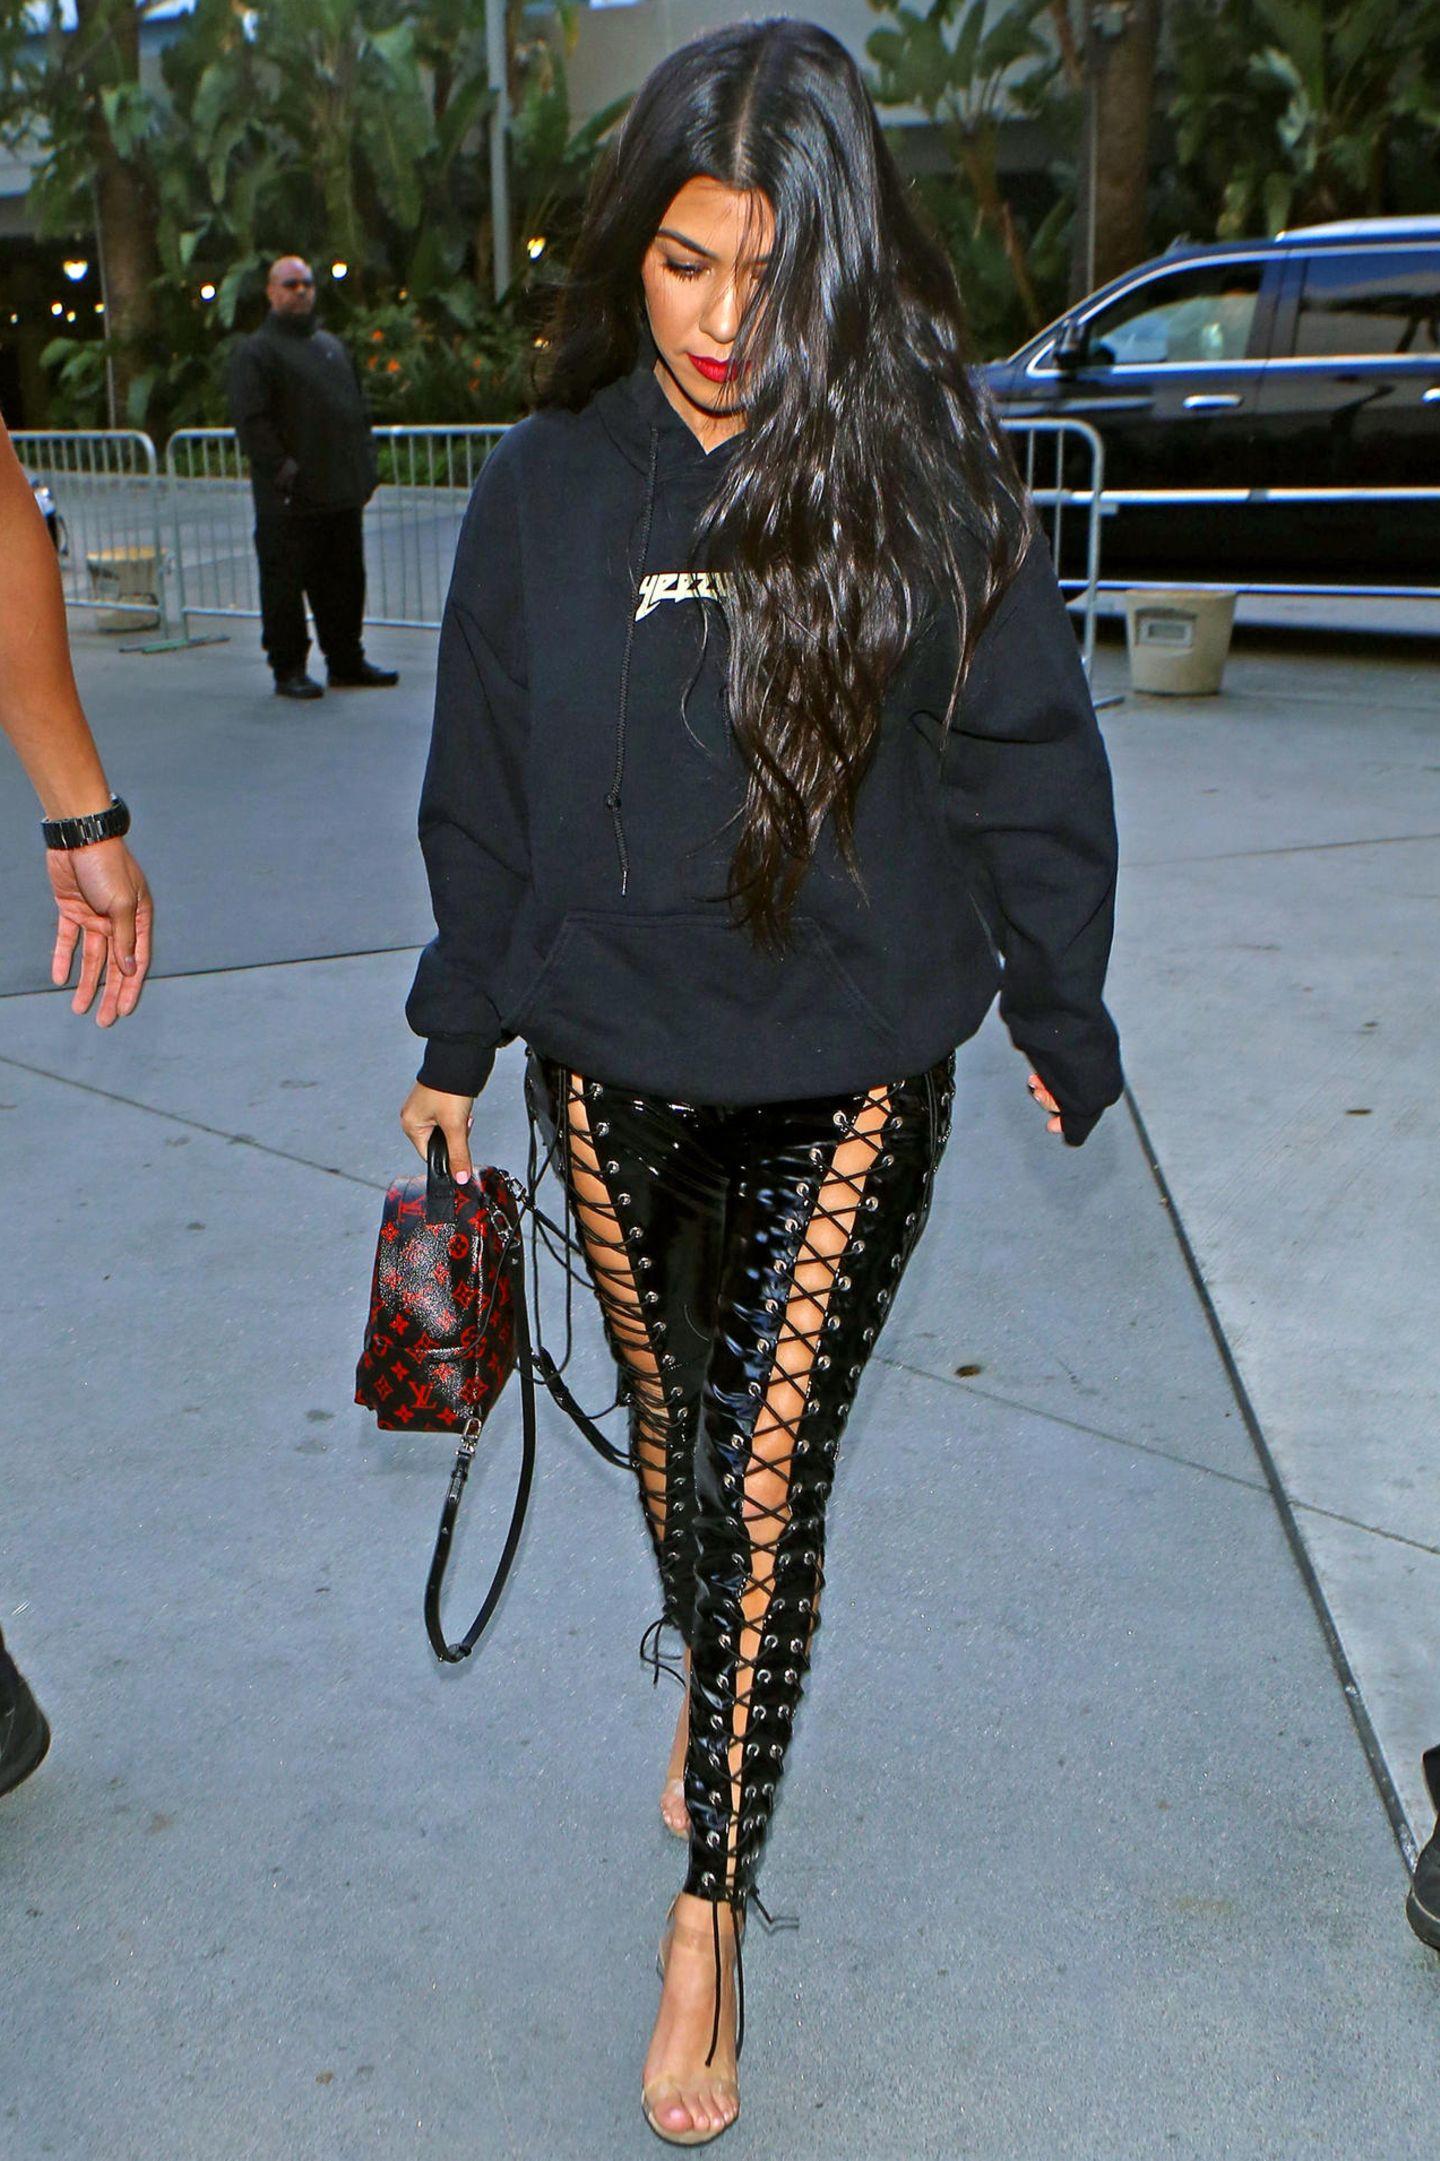 Kourtney Kardashian begleitet ihre Schwester Khloé zu einem Basketballspiel ihres Lovers, Tristan Thompson, in Los Angeles. Sie setzt dabei auf einen sportlich-schicken Look: Voluminöse Mähne und rote Lippen stehen in Kontrast zu ihrem übergroßen Hoodie von Schwager Kanye West. Ein besonderer Hingucker ist ihrer Lederhose zum Schnüren, die scheint nicht nur in der Kardashian-Jenner-Familie sehr beliebt zu sein...